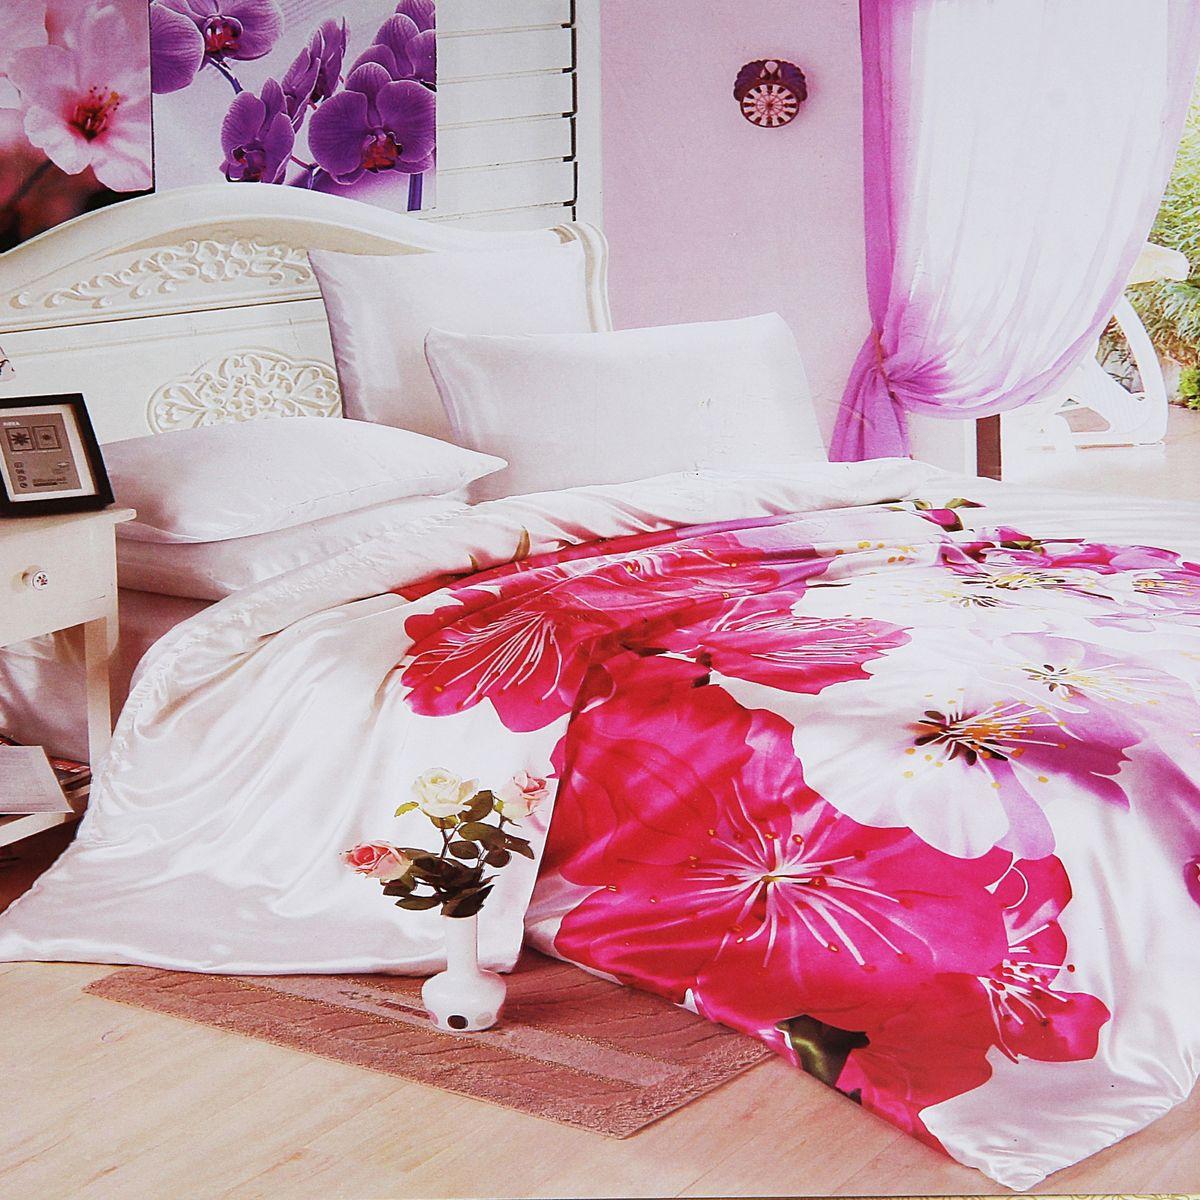 Комплект белья Этель Цветение, евро, наволочки 70x70, 50х70, цвет: розовый, белый171669Комплект постельного белья Этель Цветение состоит из пододеяльника на молнии, простыни и четырех наволочек. Удивительной красоты 3D рисунок, нанесенный на белье, сочетает в себе нежность и теплоту. Постельное белье Этель Цветение создано для романтичных натур, которые любят изысканный дизайн. Белье изготовлено из искусственного шелка, отвечающего всем необходимым нормативным стандартам. Шелковая ткань очень прочная и мягкая, ее особая структура делает пребывание в постели комфортным. Неоспоримым плюсом белья из такой ткани является легкость, оно не мнется и отлично впитывает влагу, обеспечивает хорошую циркуляцию воздуха. Ткань устойчива к воздействию света (не выцветает и не линяет), сохраняя первозданную яркость красок. При соблюдении рекомендаций по уходу белье выдерживает много стирок, не теряет свою прочность. Уникальная ткань обеспечивает легкую глажку. Приобретая комплект постельного белья Этель Цветение, вы можете быть...